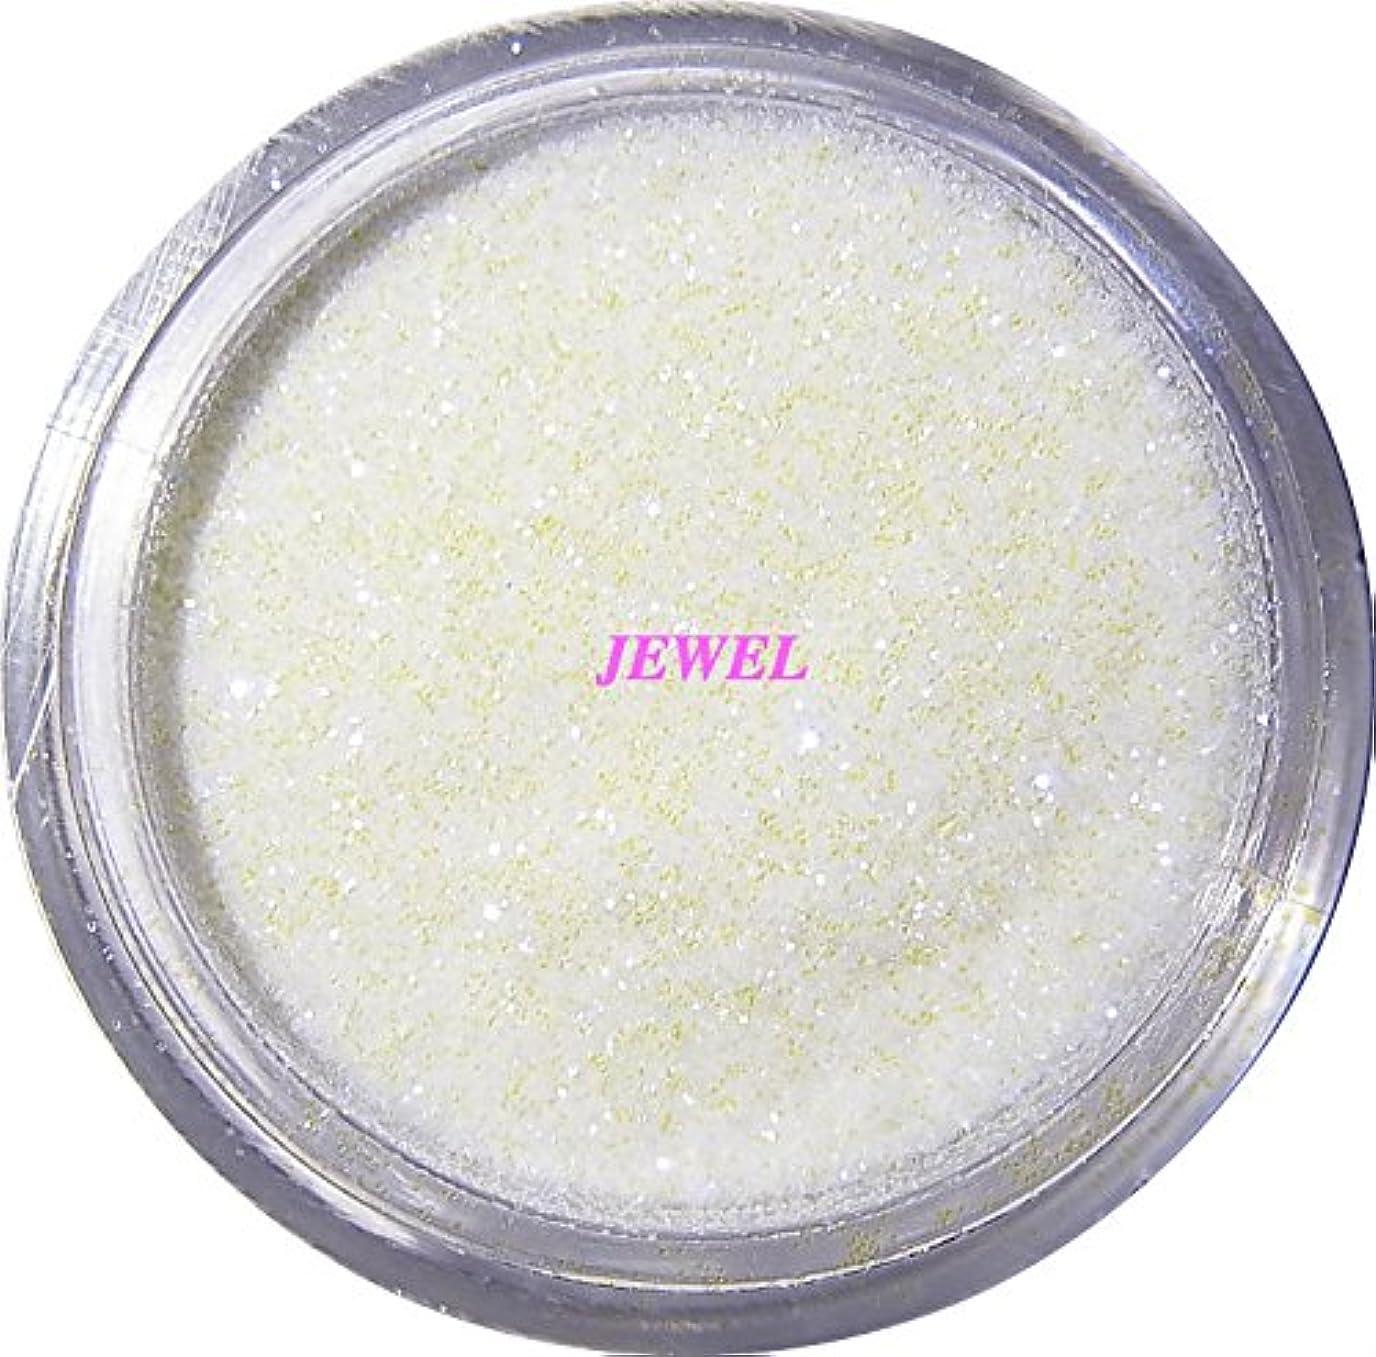 マディソン注目すべき石炭【jewel】 超微粒子ラメパウダー(白/パールホワイト) 256/1サイズ 2g入り グリッター レジン&ネイル用